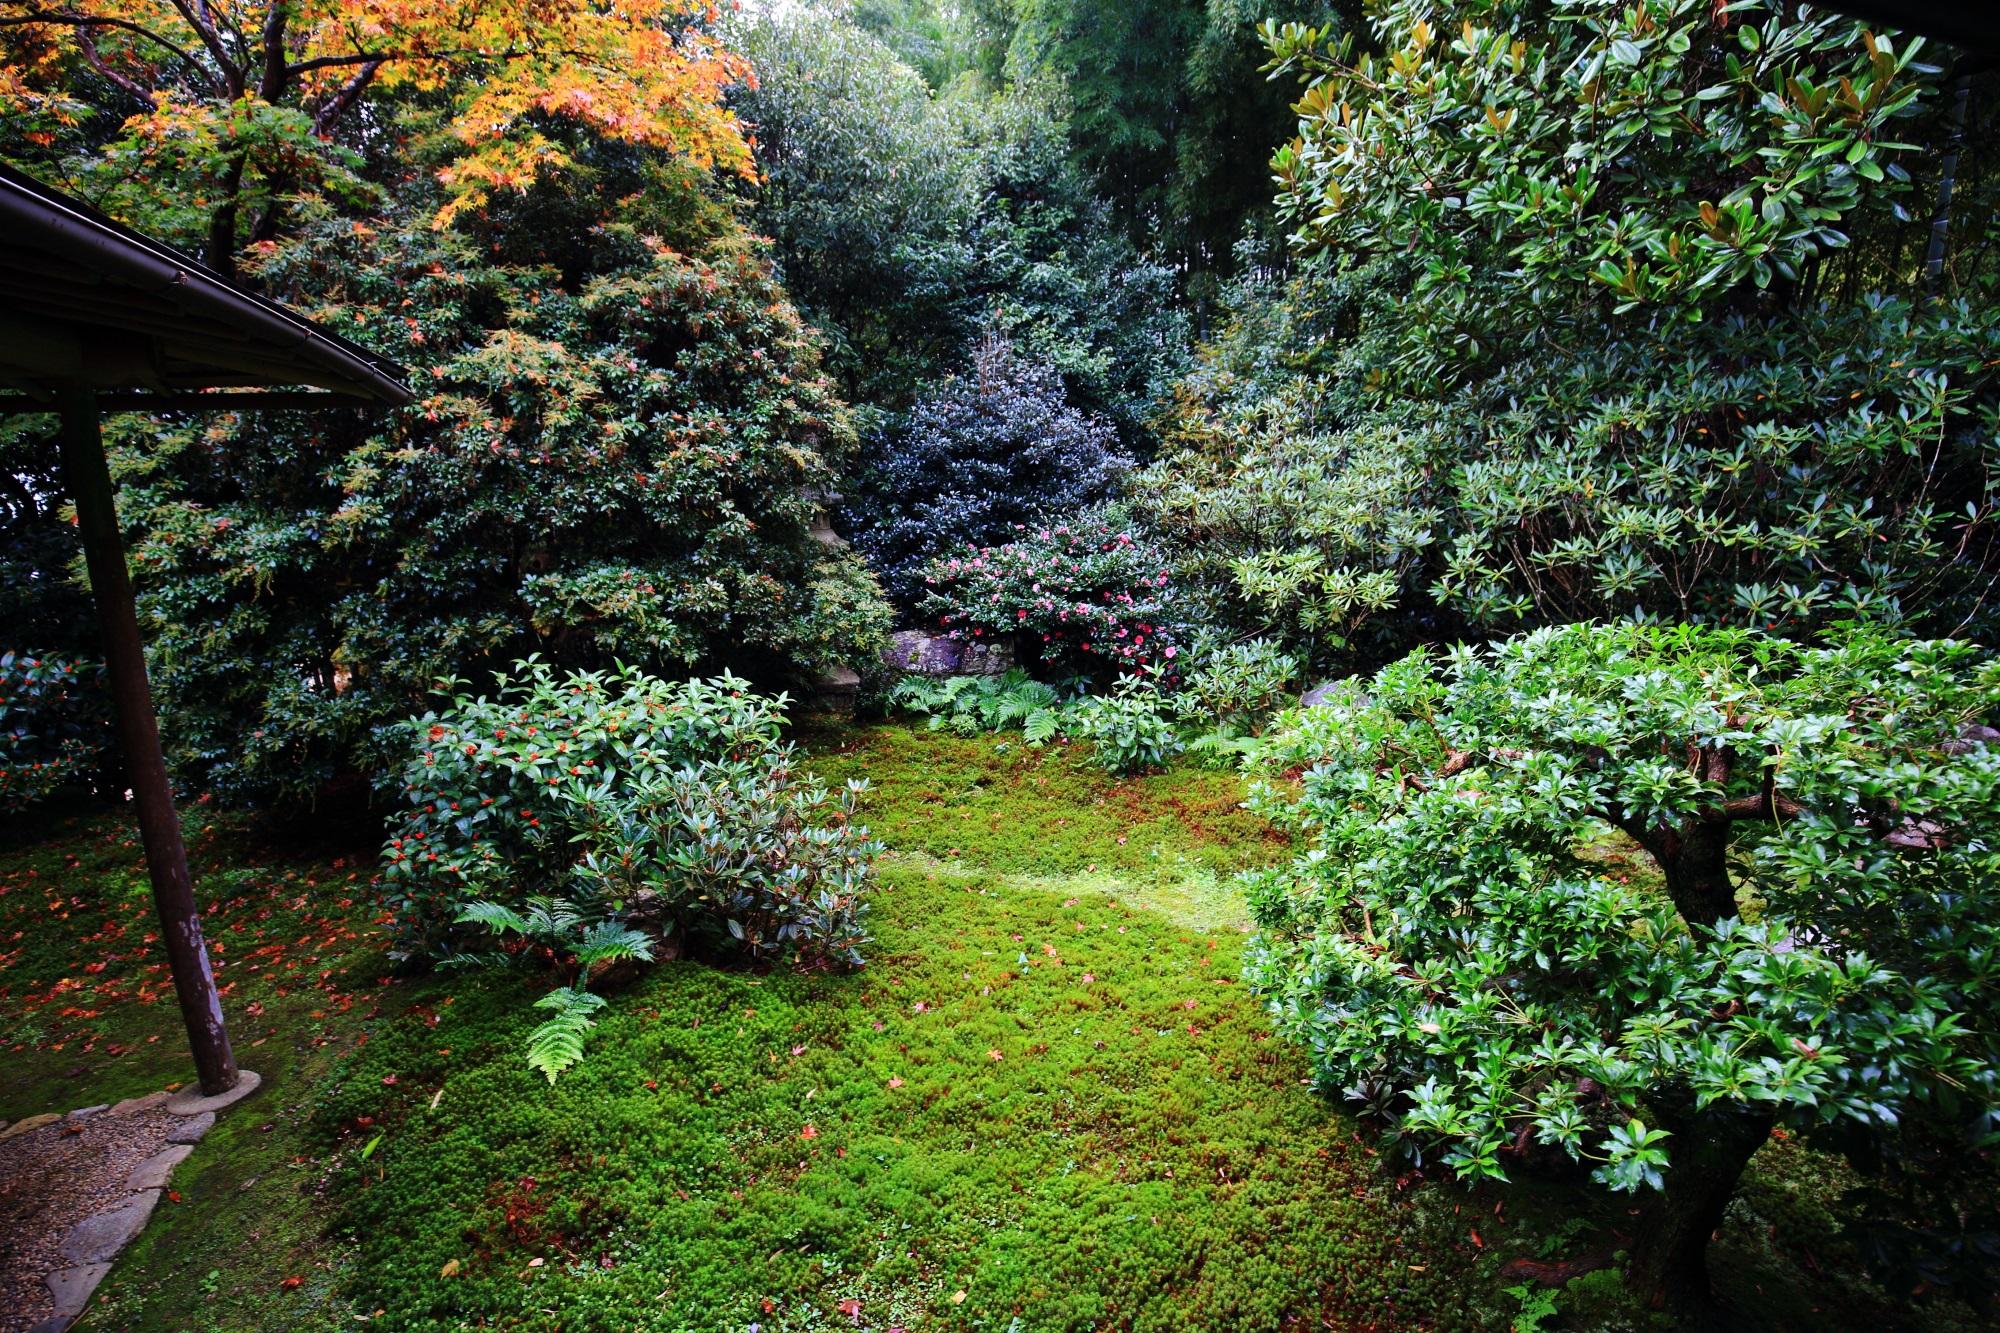 Jikisian Kyoto Saga 本堂 庭園 秋 散りもみじ 苔